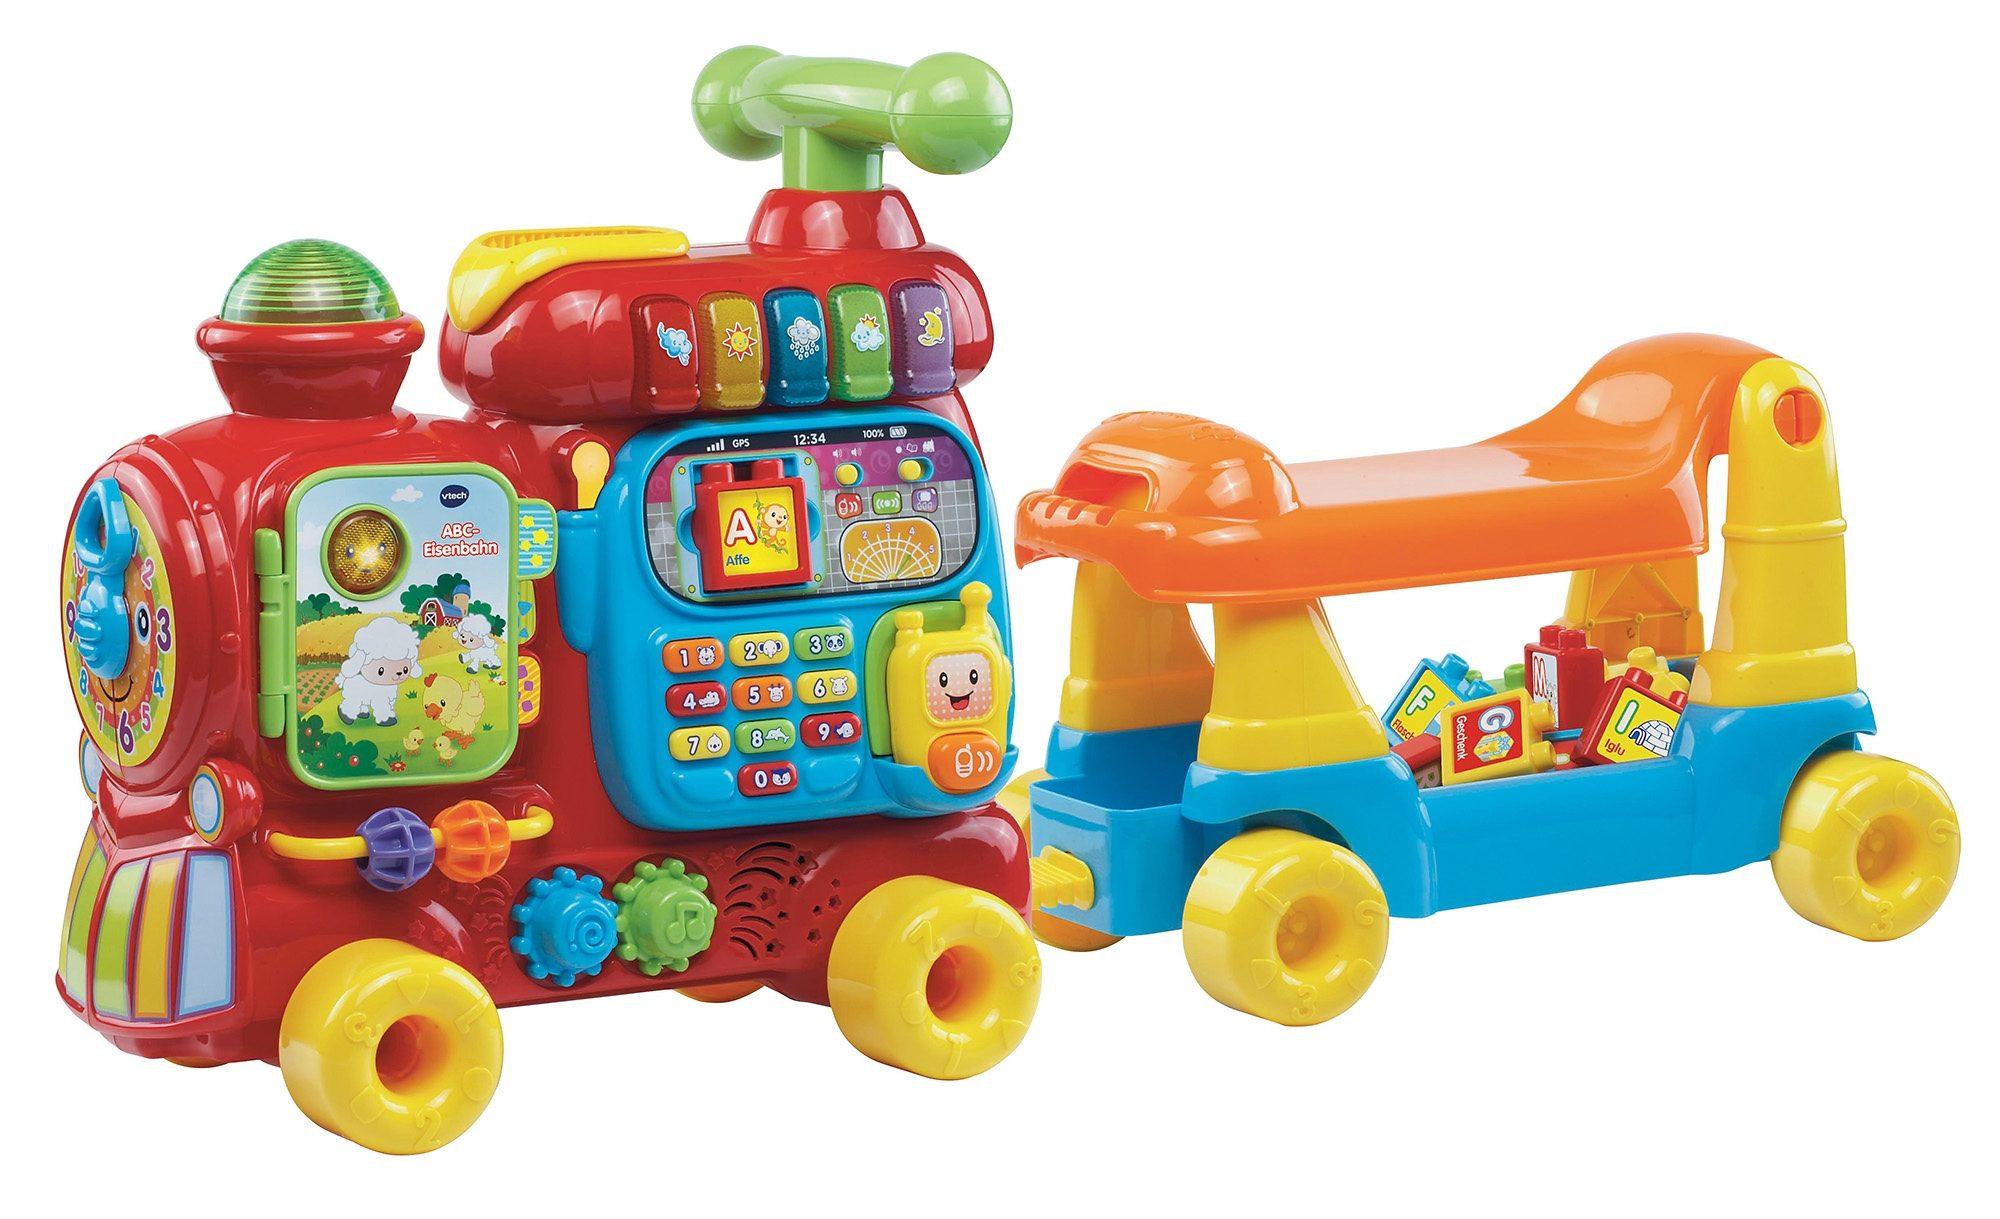 Vtech Spielzeug-Eisenbahn ABC-Eisenbahn bunt Kinder Ab 12 Monaten Altersempfehlung